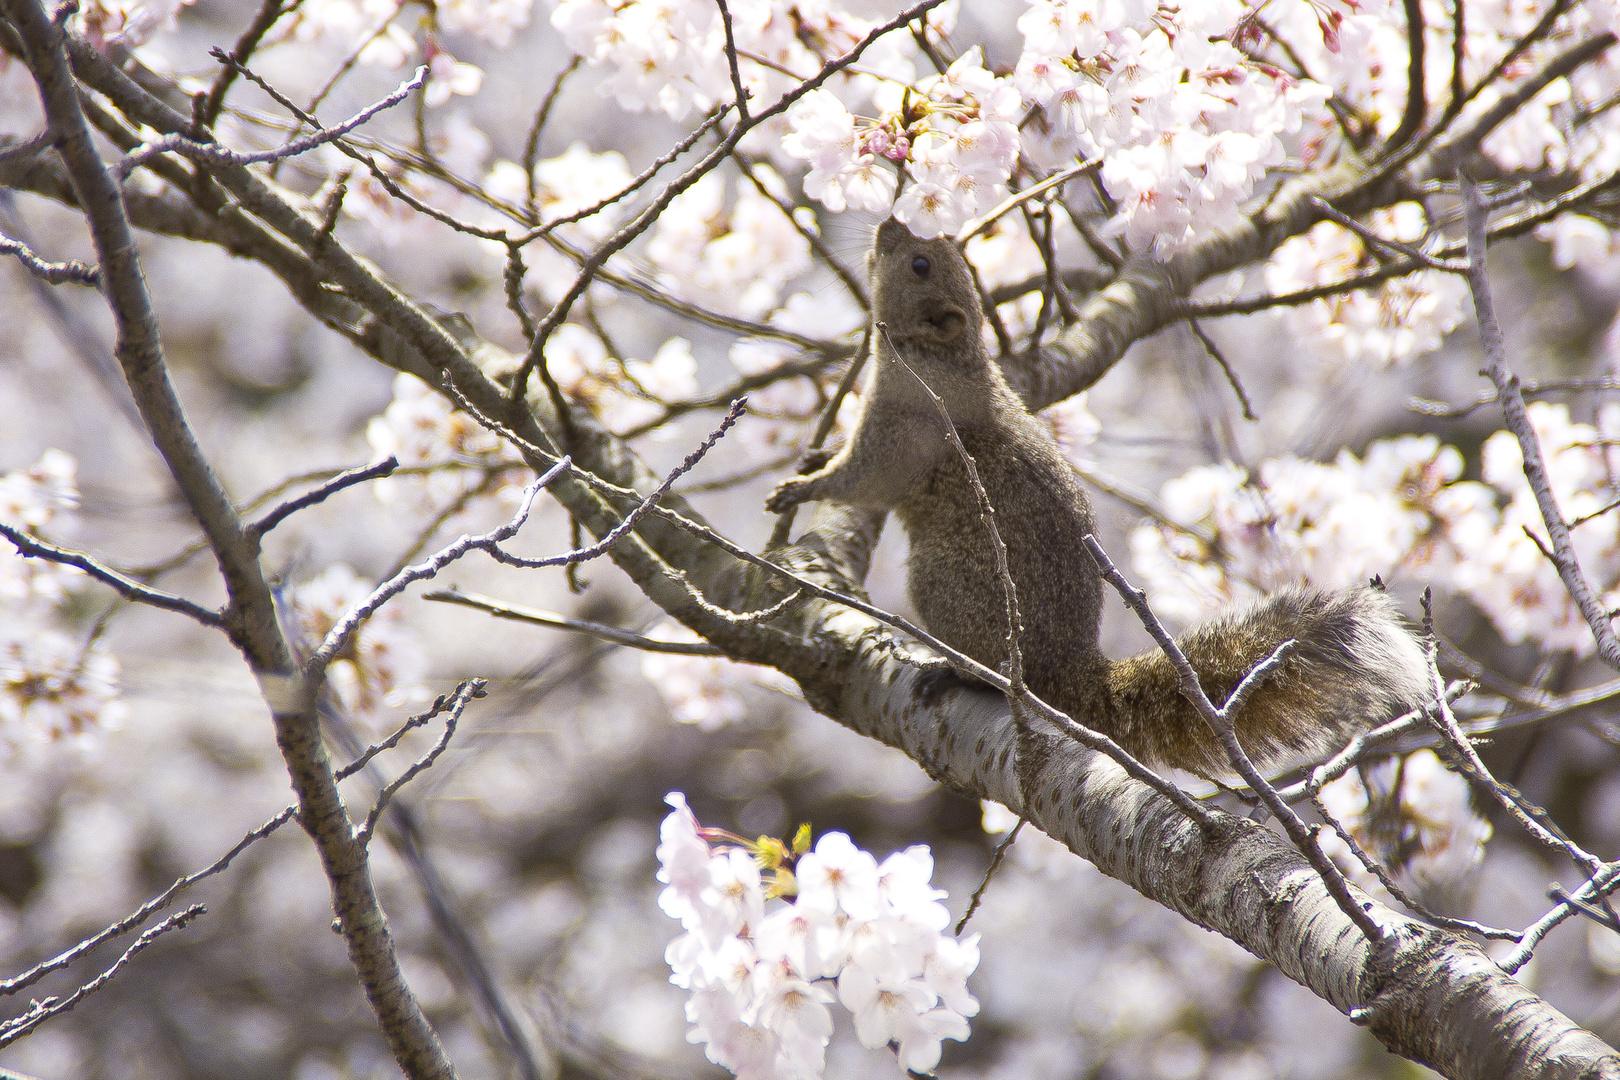 Tasty Cherry Blossom